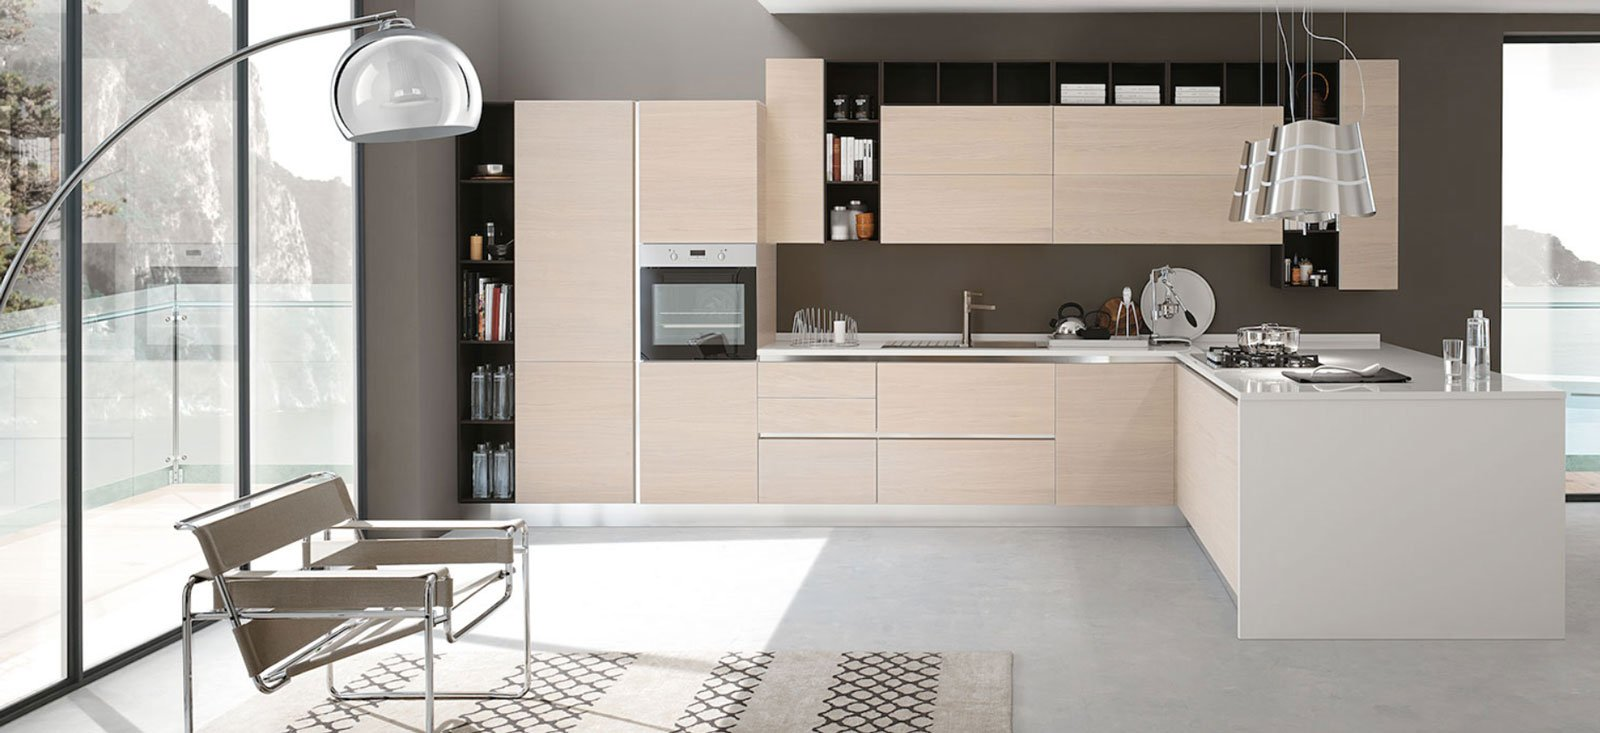 Cucina progettare la disposizione dell 39 arredo cose di casa for Disposizione soggiorno